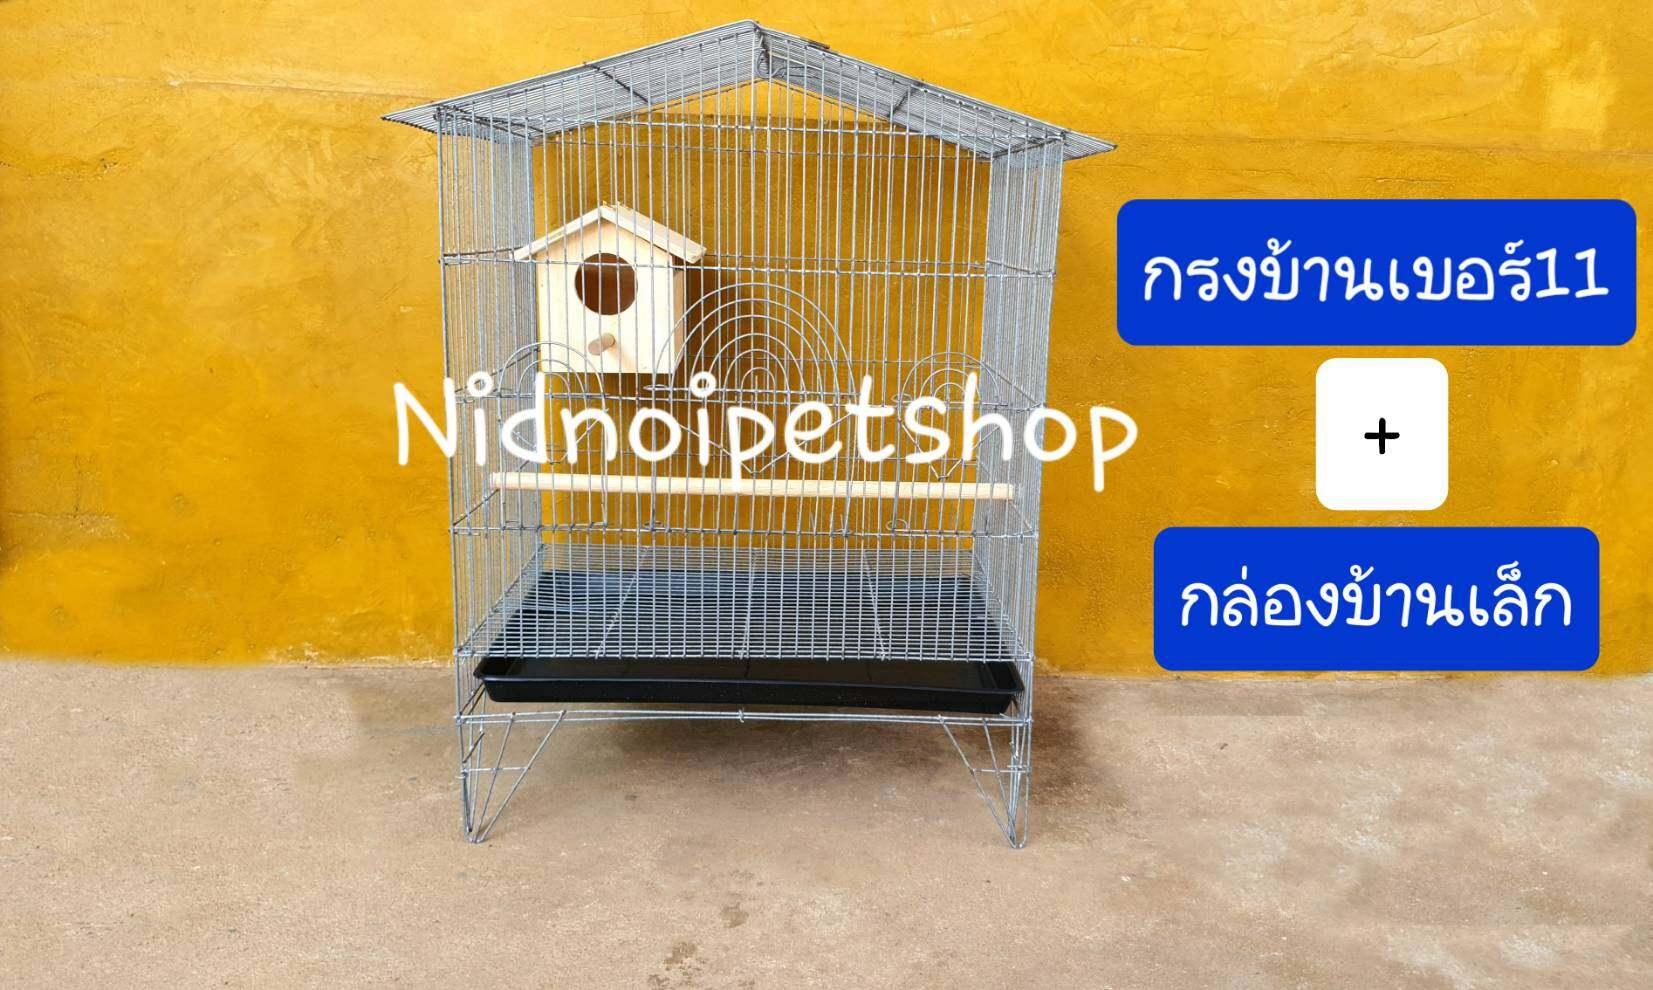 กรงทรงบ้านเล็ก (เบอร์ 11) กรงนก กรงชูก้า กระรอก กระแต หนูแฮมเตอร์ ราคาโรงงานคร้า!!!!